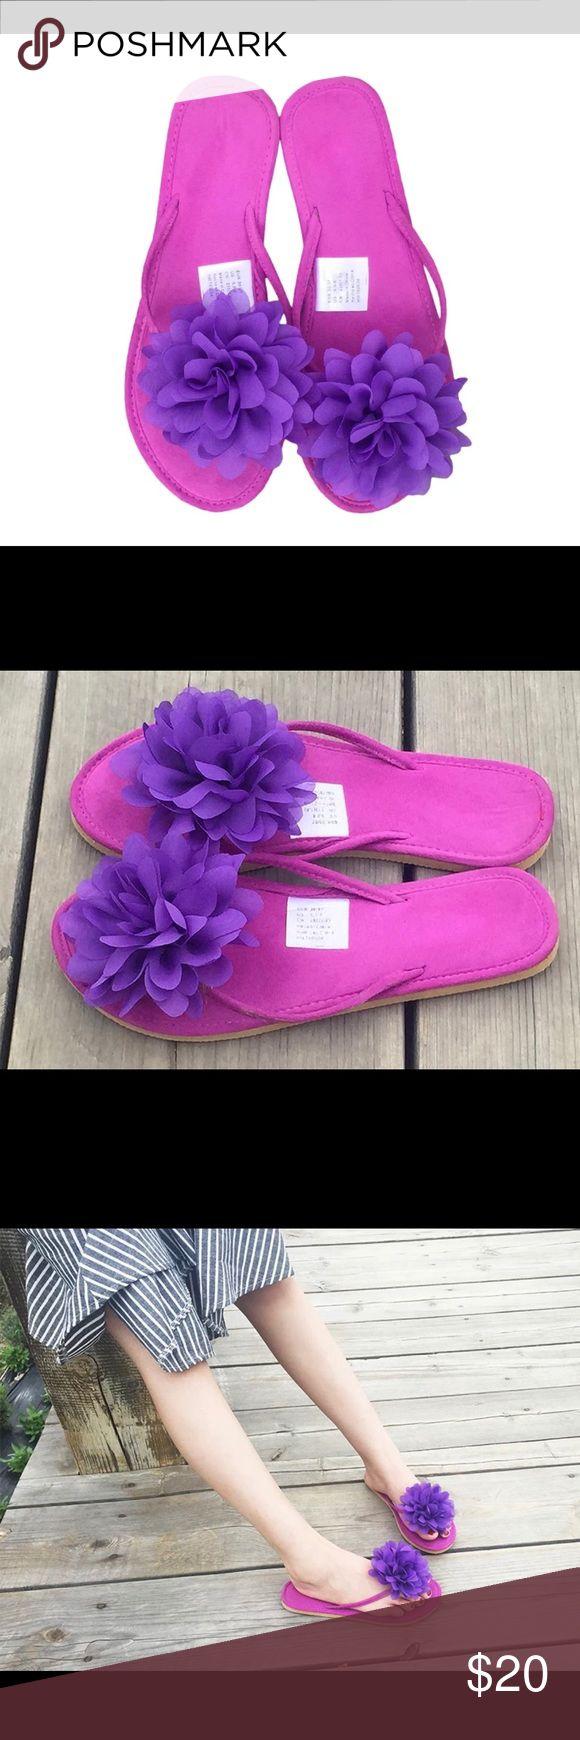 Shoes sandals flip flops -  Just In Purple Floral Sandals Flip Flops Flats Boutique